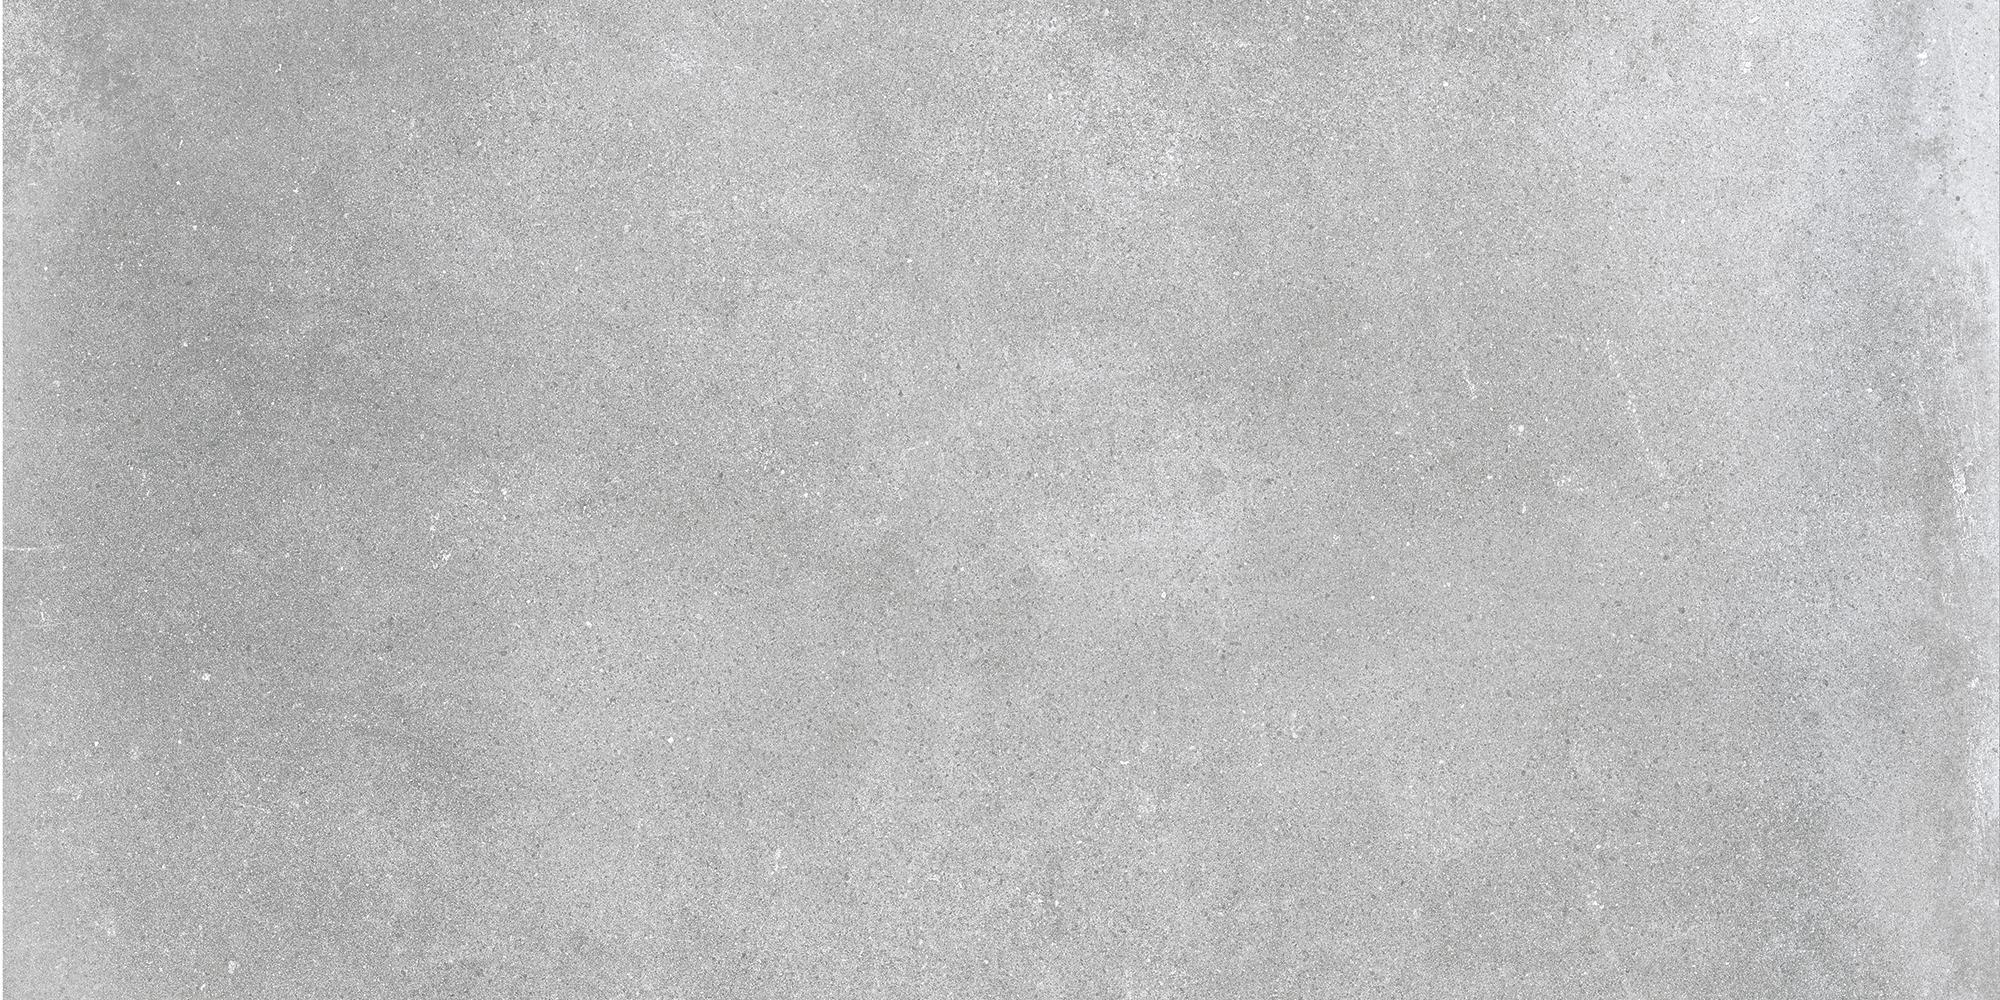 0328268, Europe, Harmaa, lattia,pakkasenkesto,liukastumisenesto